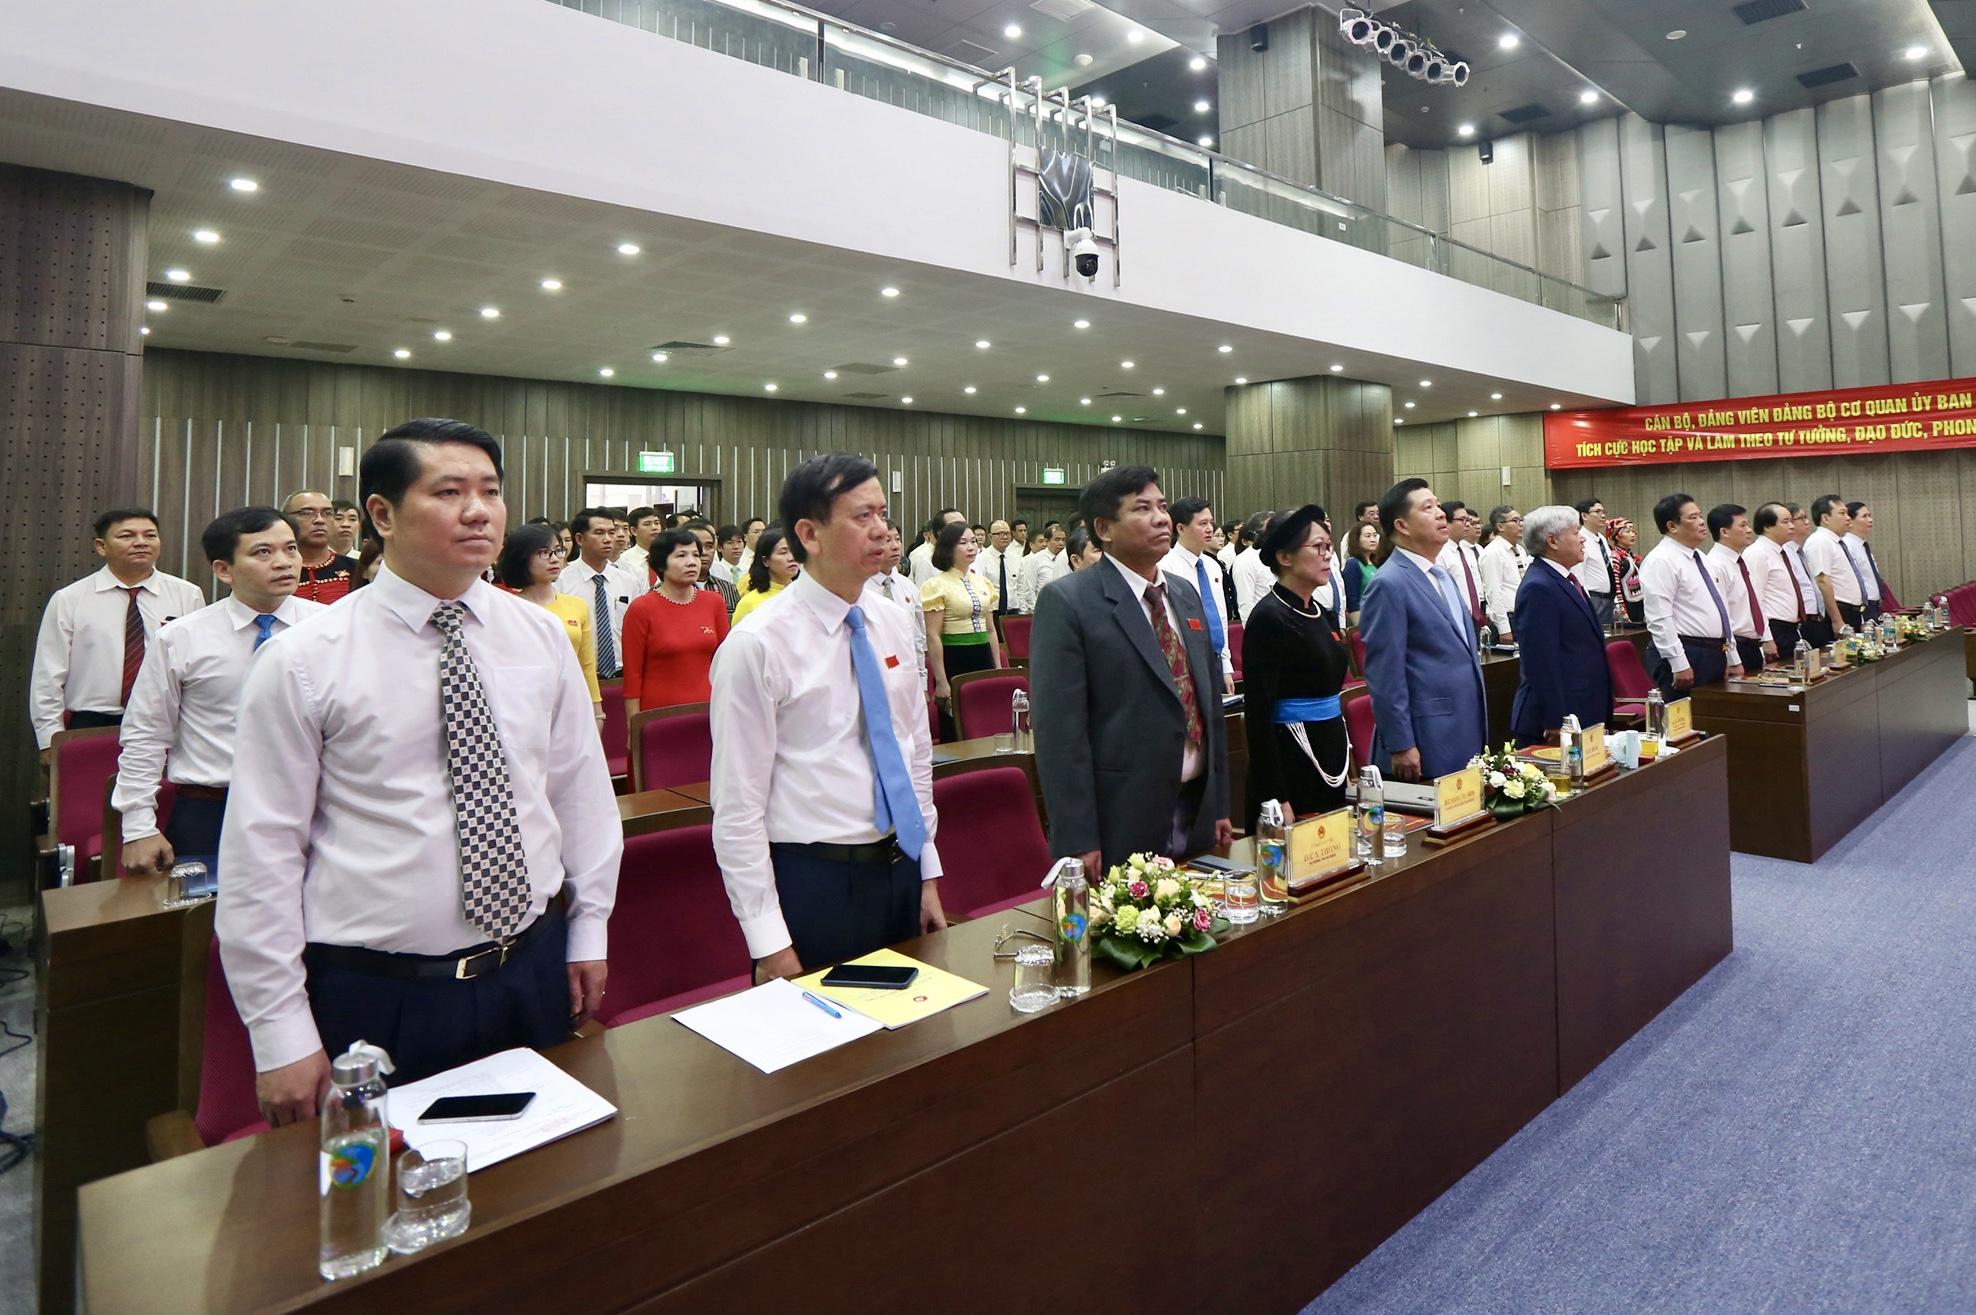 Các đại biểu dự Đại hội thực hiện nghi thức chào cờ